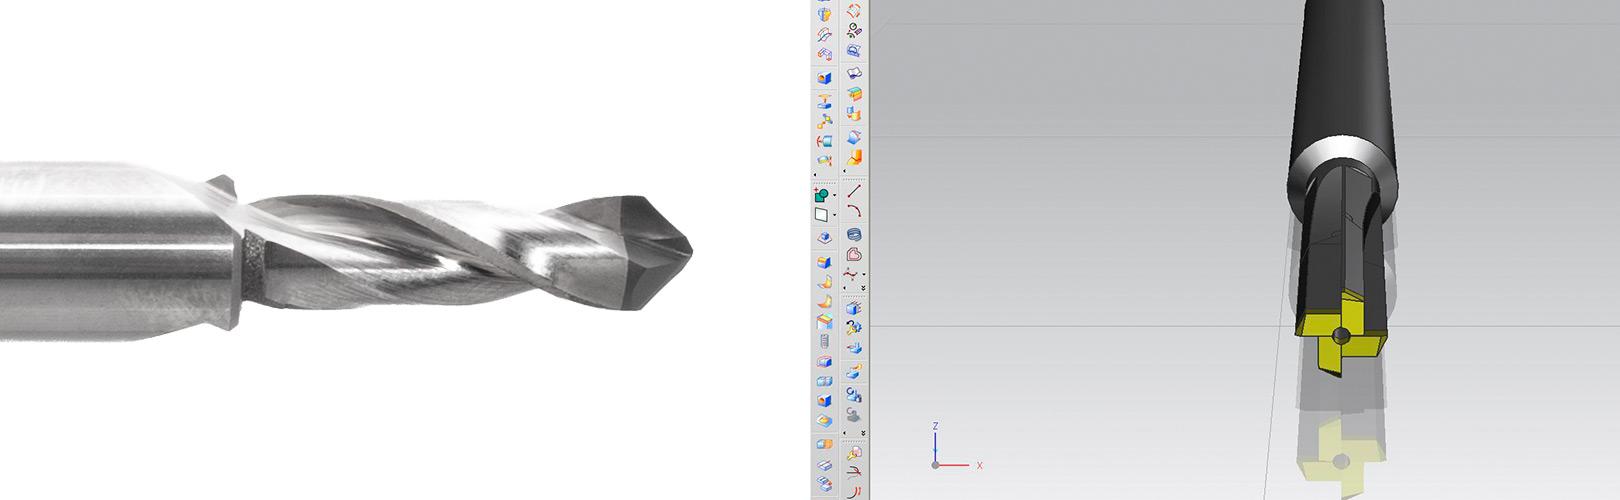 Preziss Solid PCD Tools